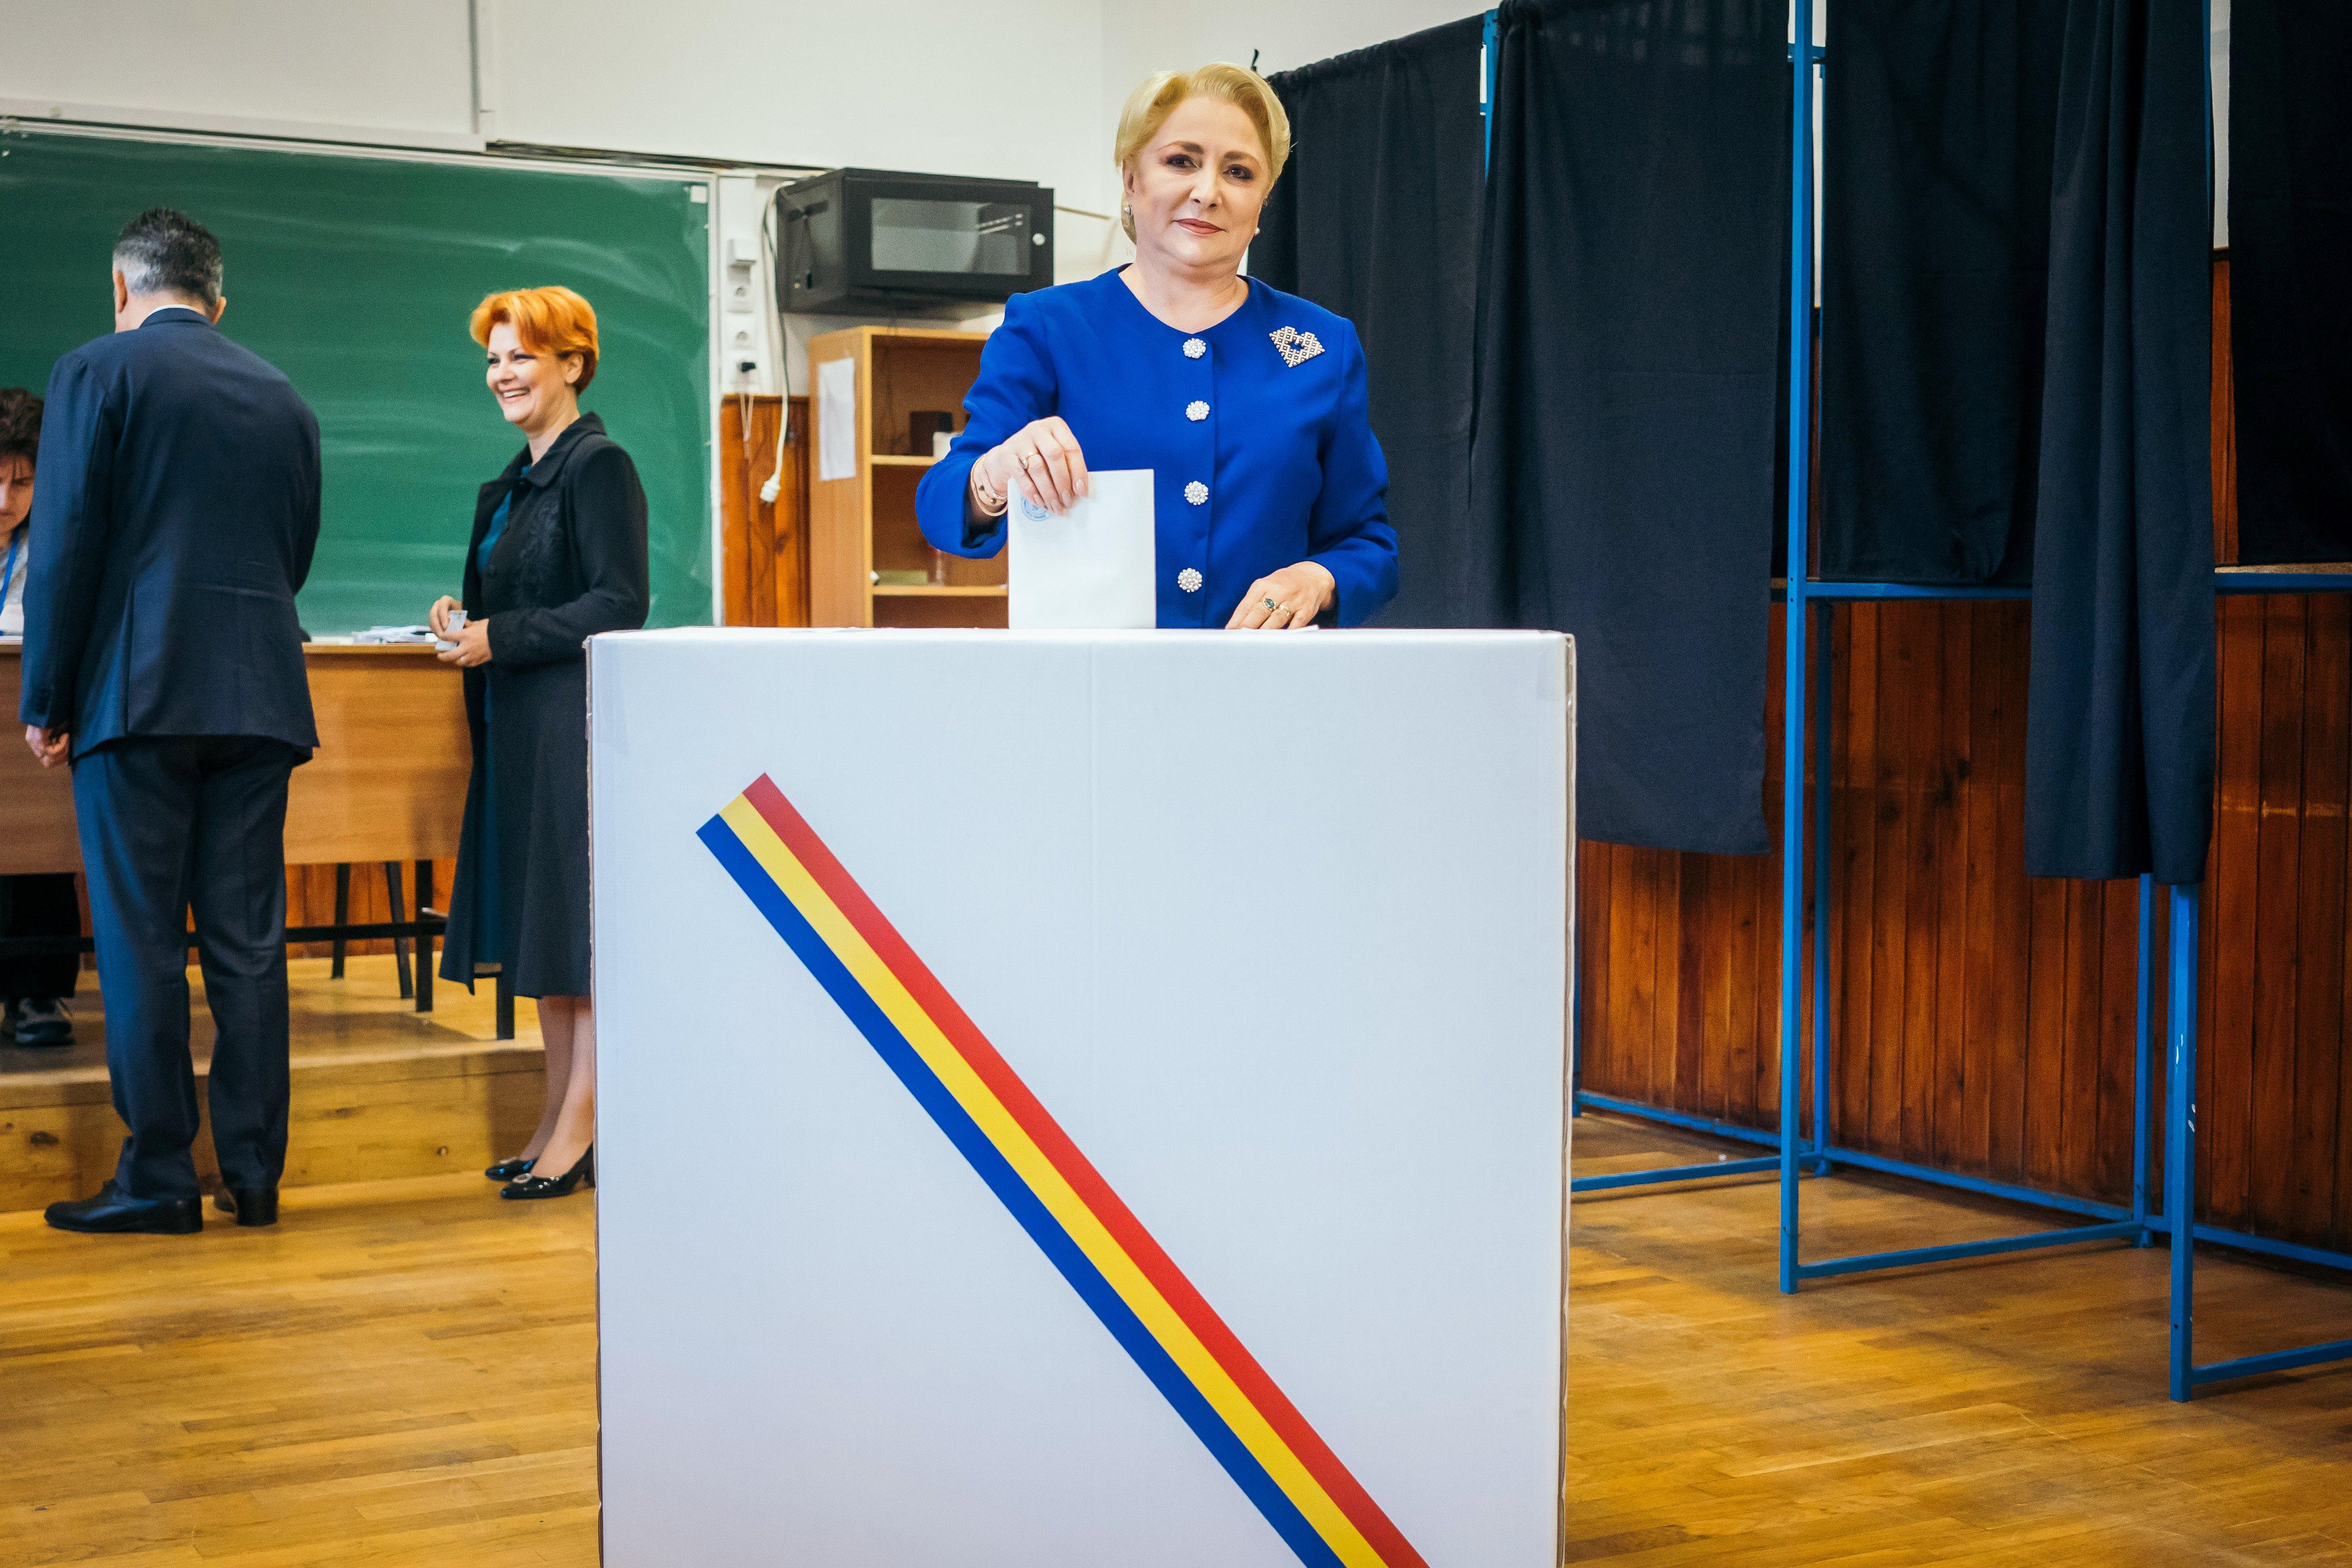 Országosan többen, a magyar lakta területeken az átlagnál kevesebben szavaznak a romániai elnökválasztáson